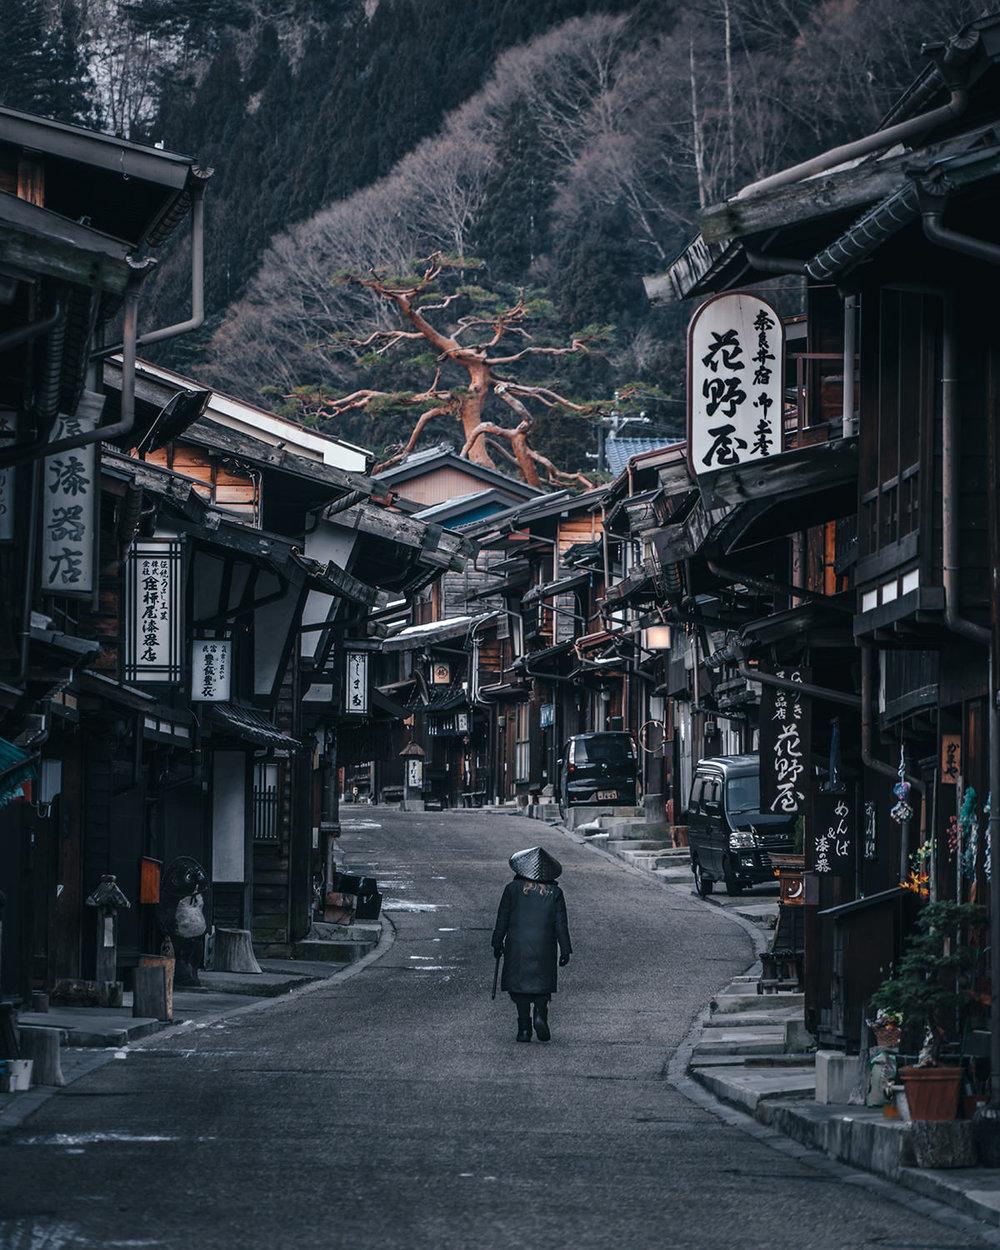 RK-street-foto-giappone-06.jpg